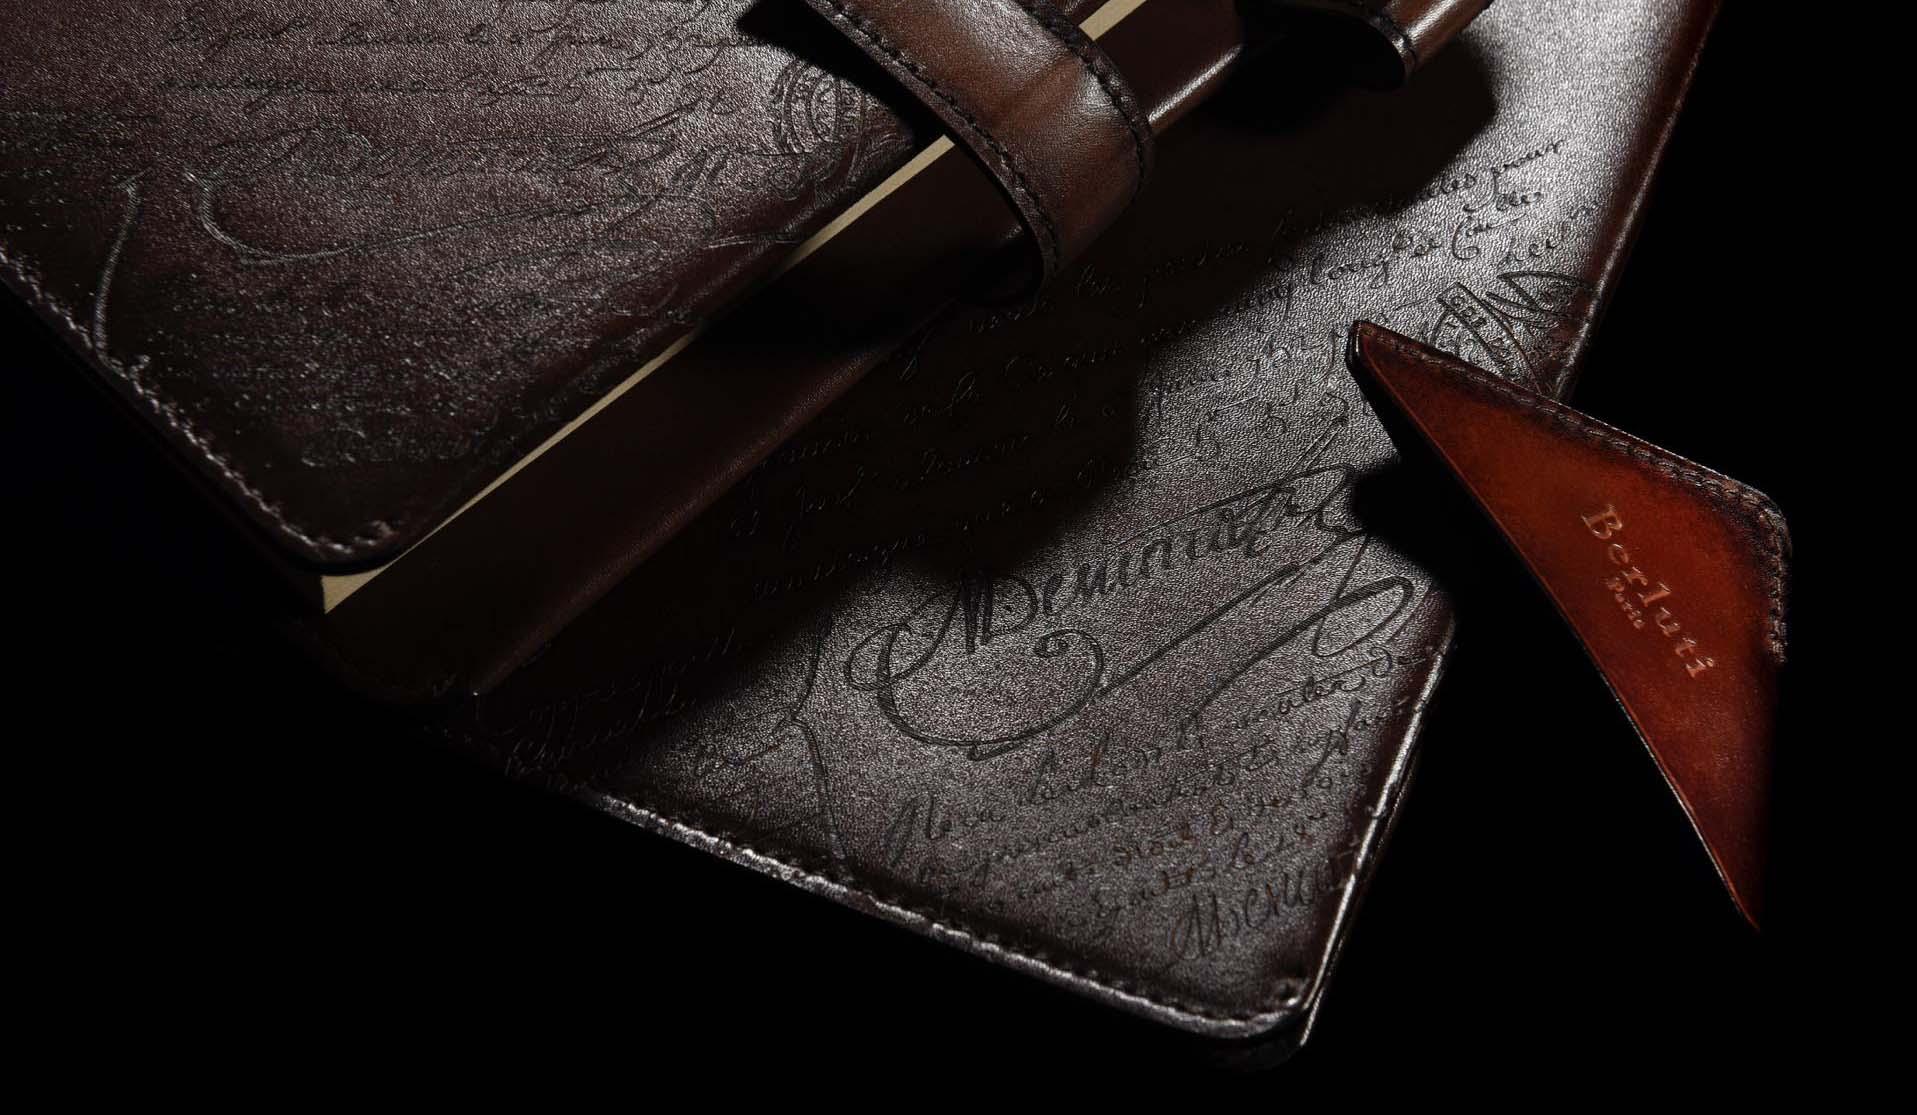 ベルルッティのヴェネチアレザーを使用した手帳カバー、ノートカバー、ブックマーカー